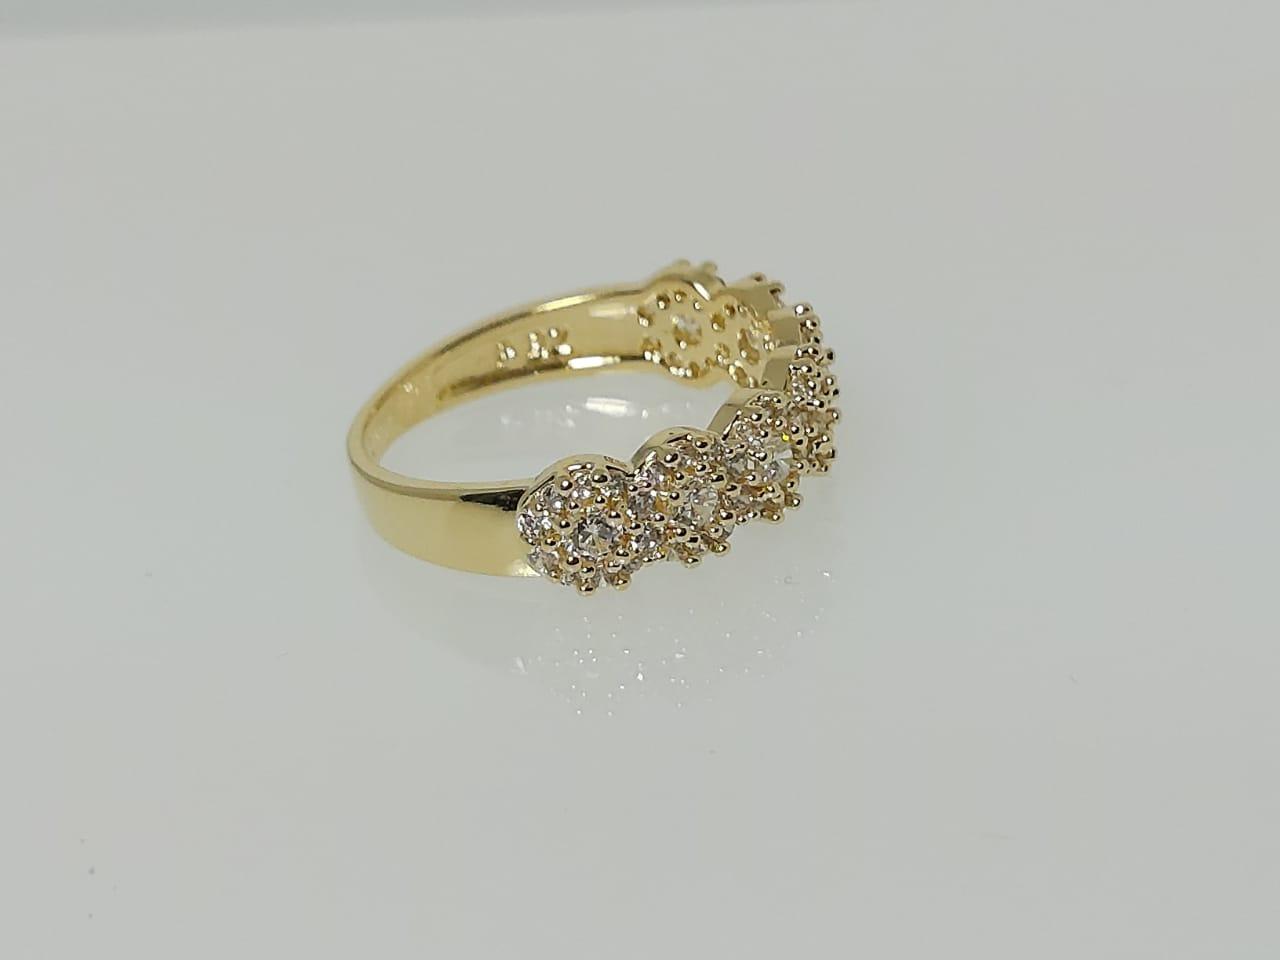 Meia Aliança Flor com Zircônias GC Folheado a Ouro 0360106020000